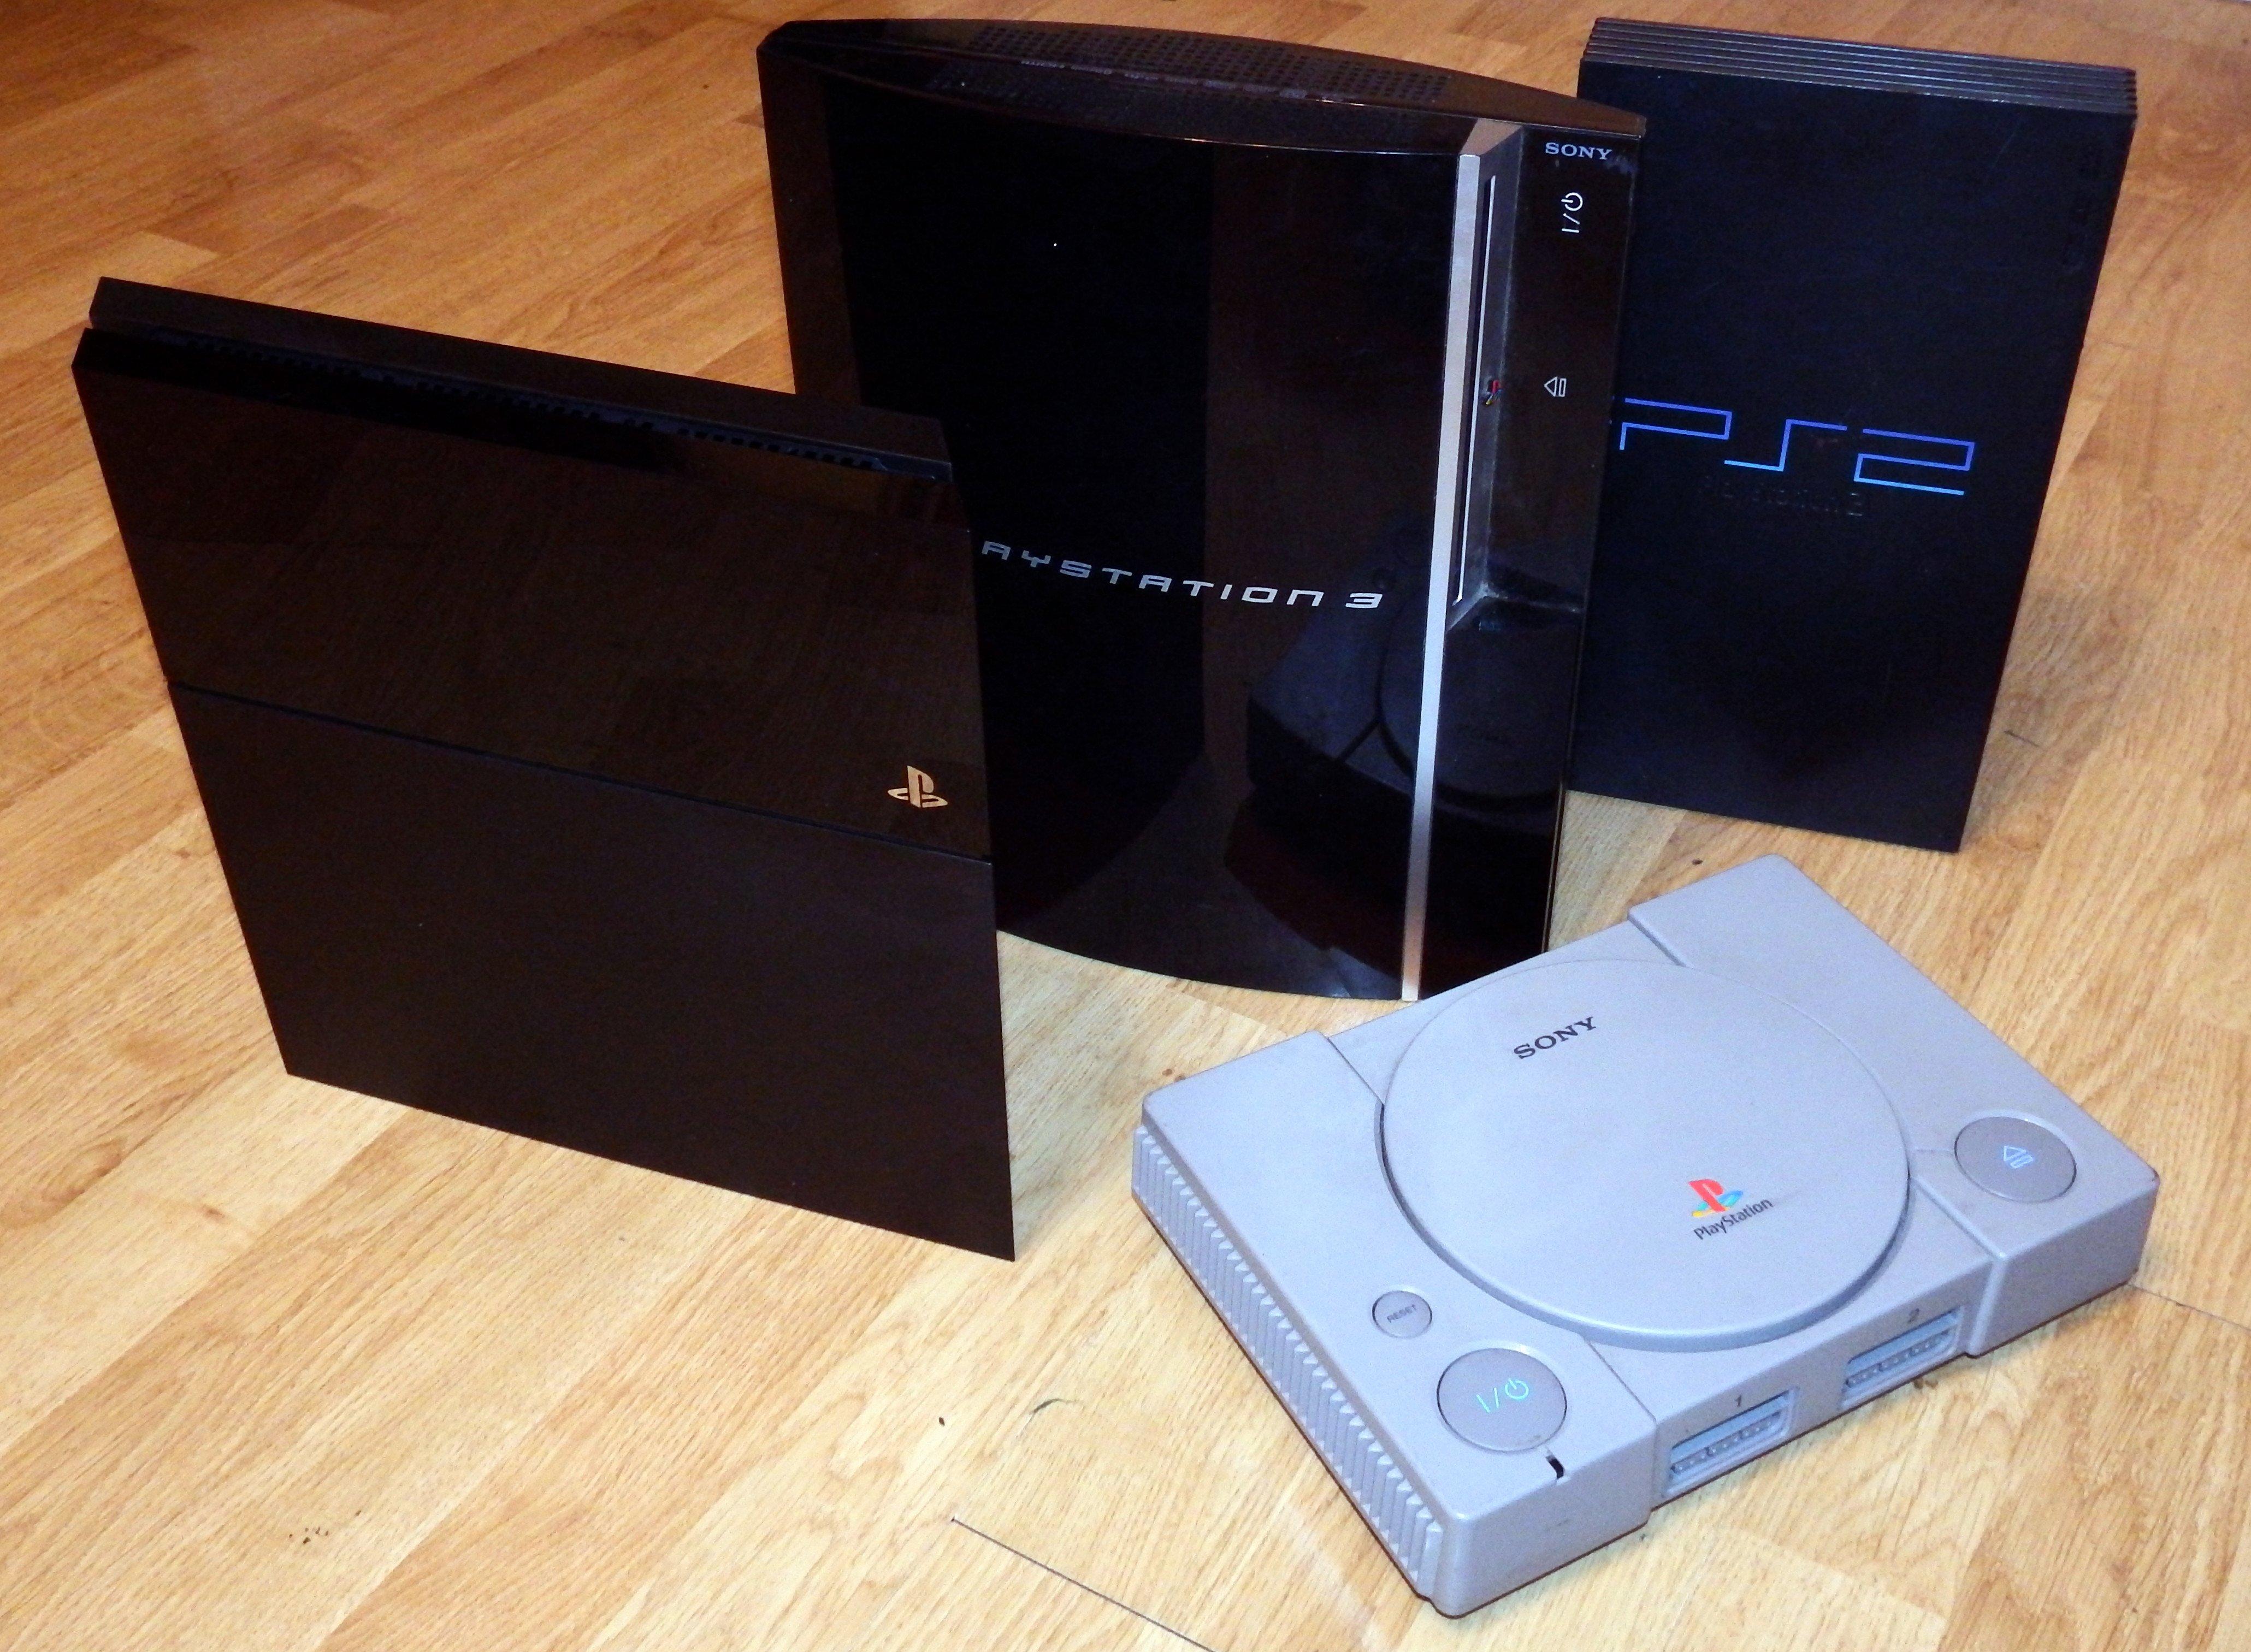 Playstation 4К - возможное кидалово?  - Изображение 2